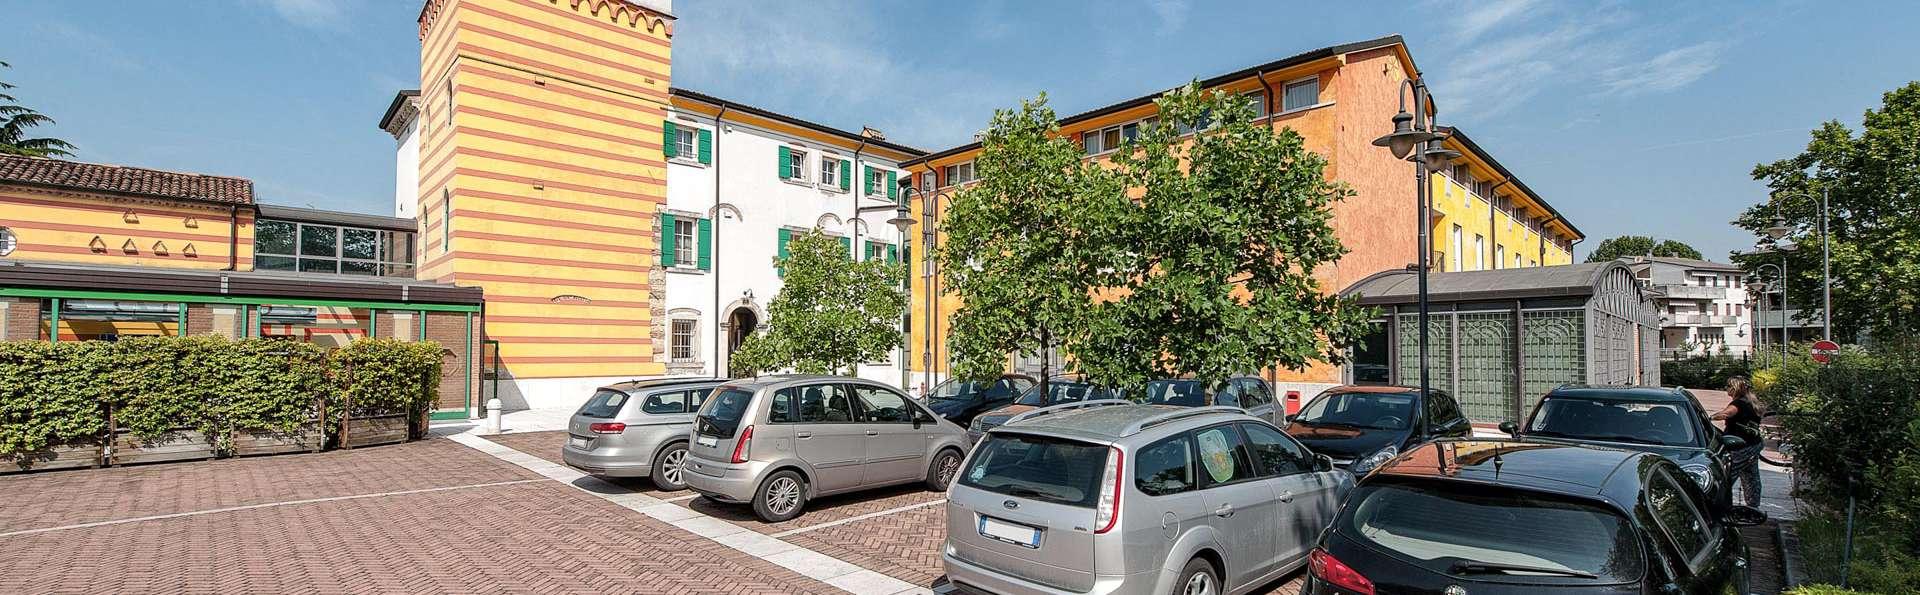 Hotel Villa Malaspina - EDIT_FRONT_01.jpg